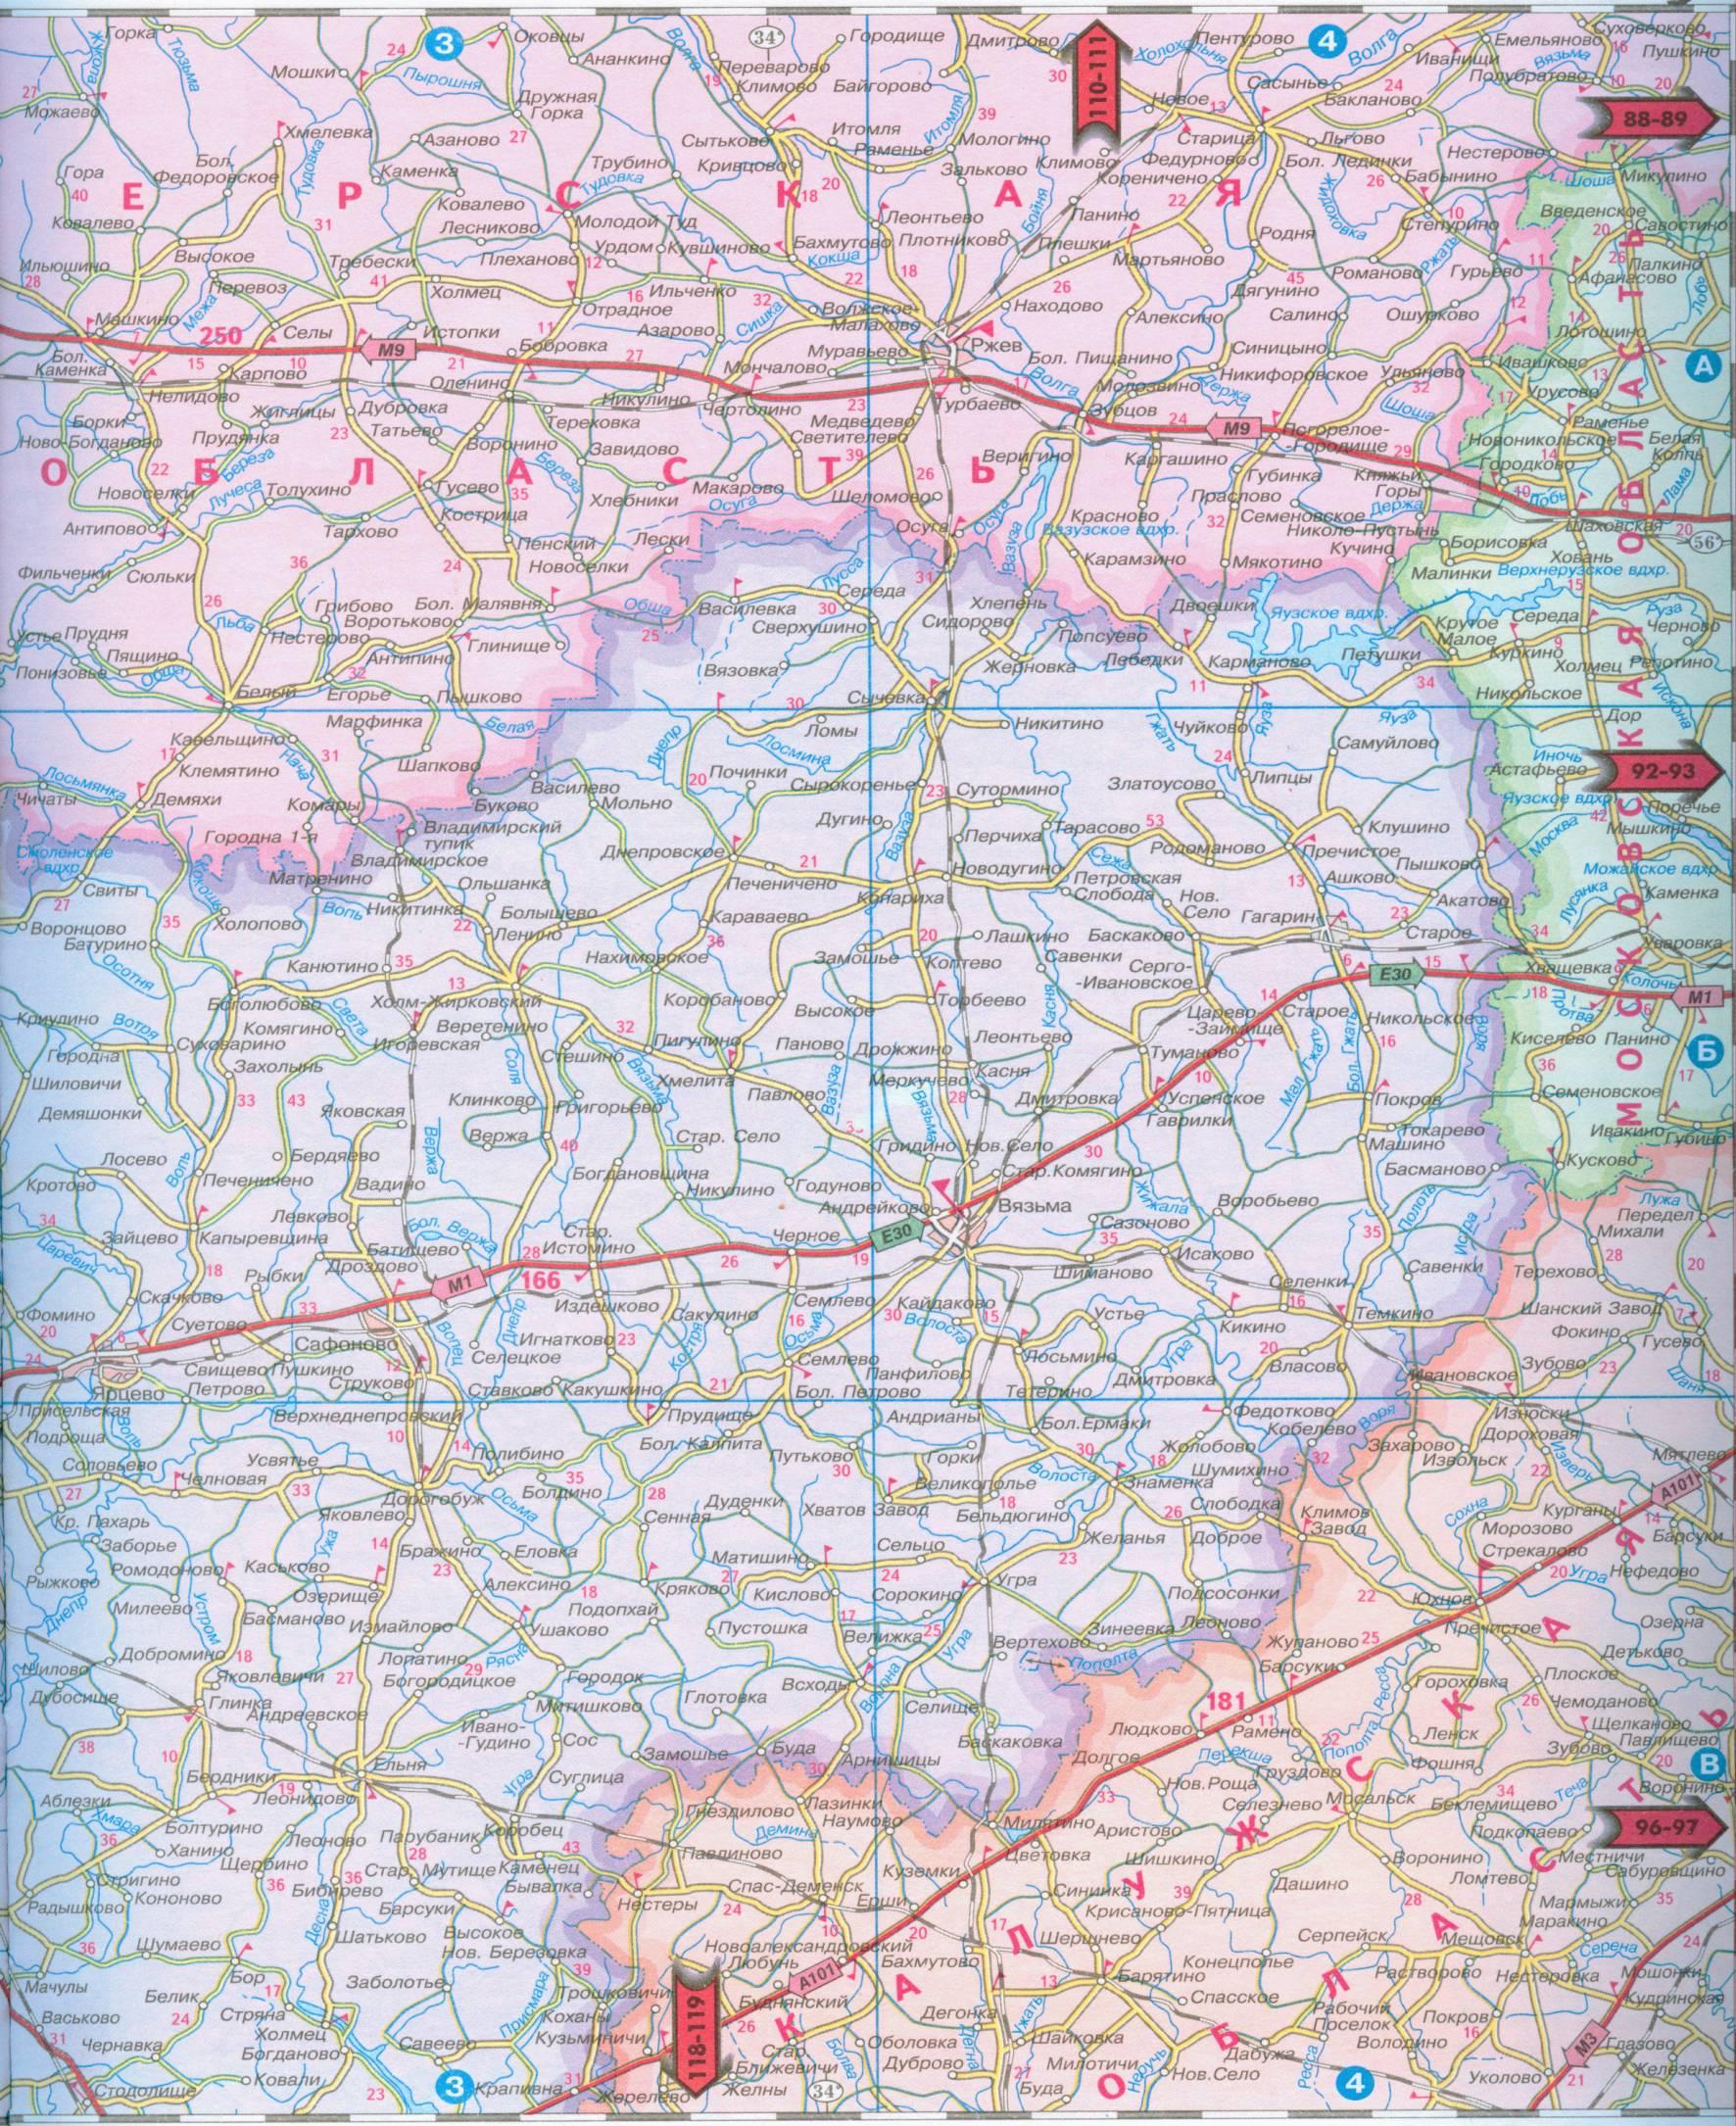 Карта Смоленской обл. Автомобильная карта 1см:11км ...: http://rus-atlas.ru/map325549_0_1.htm